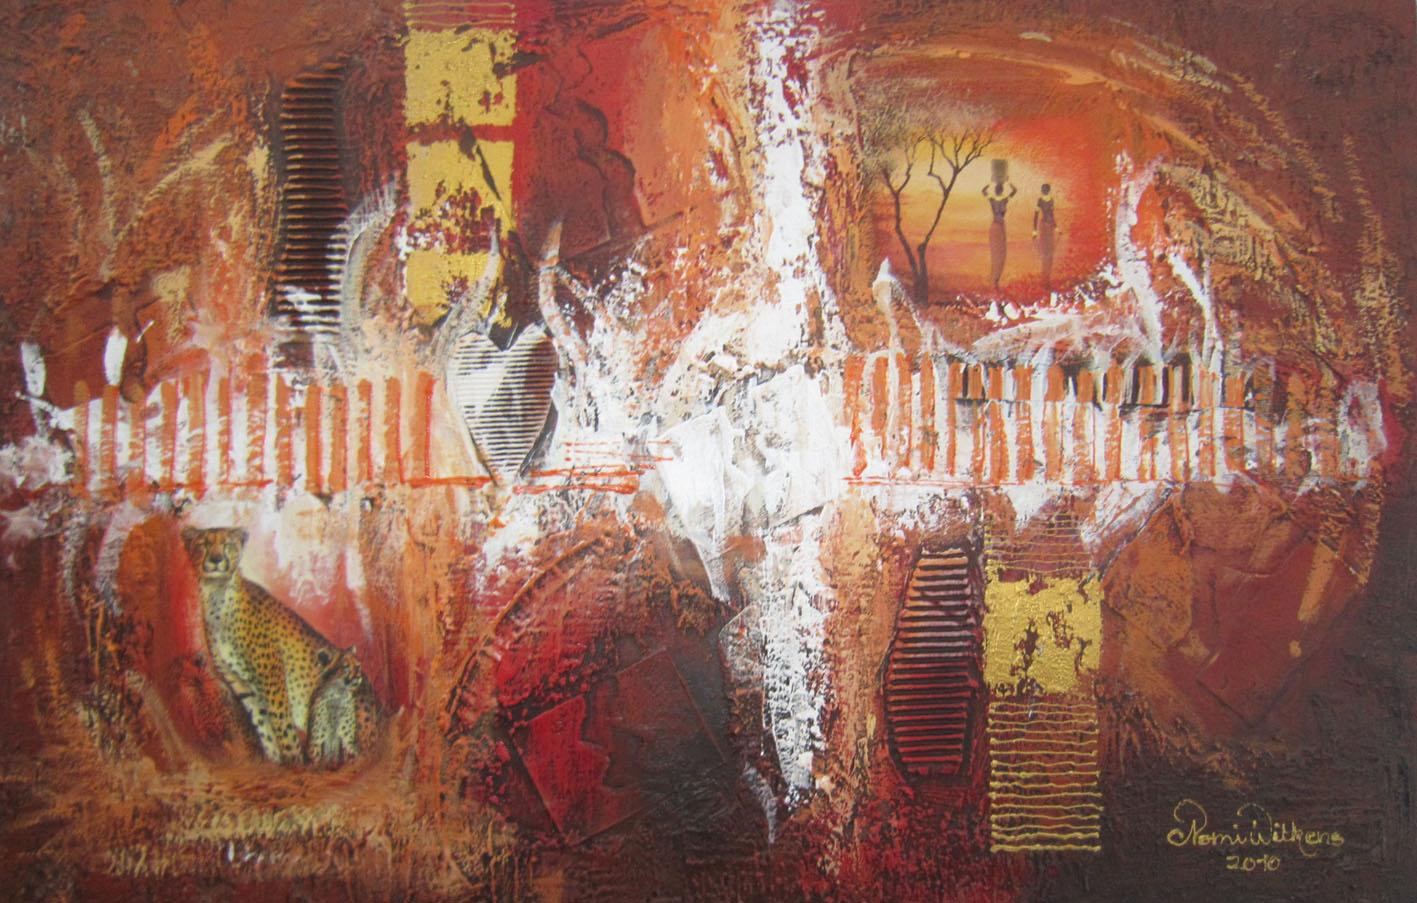 nomi-wilkens-malerier-006